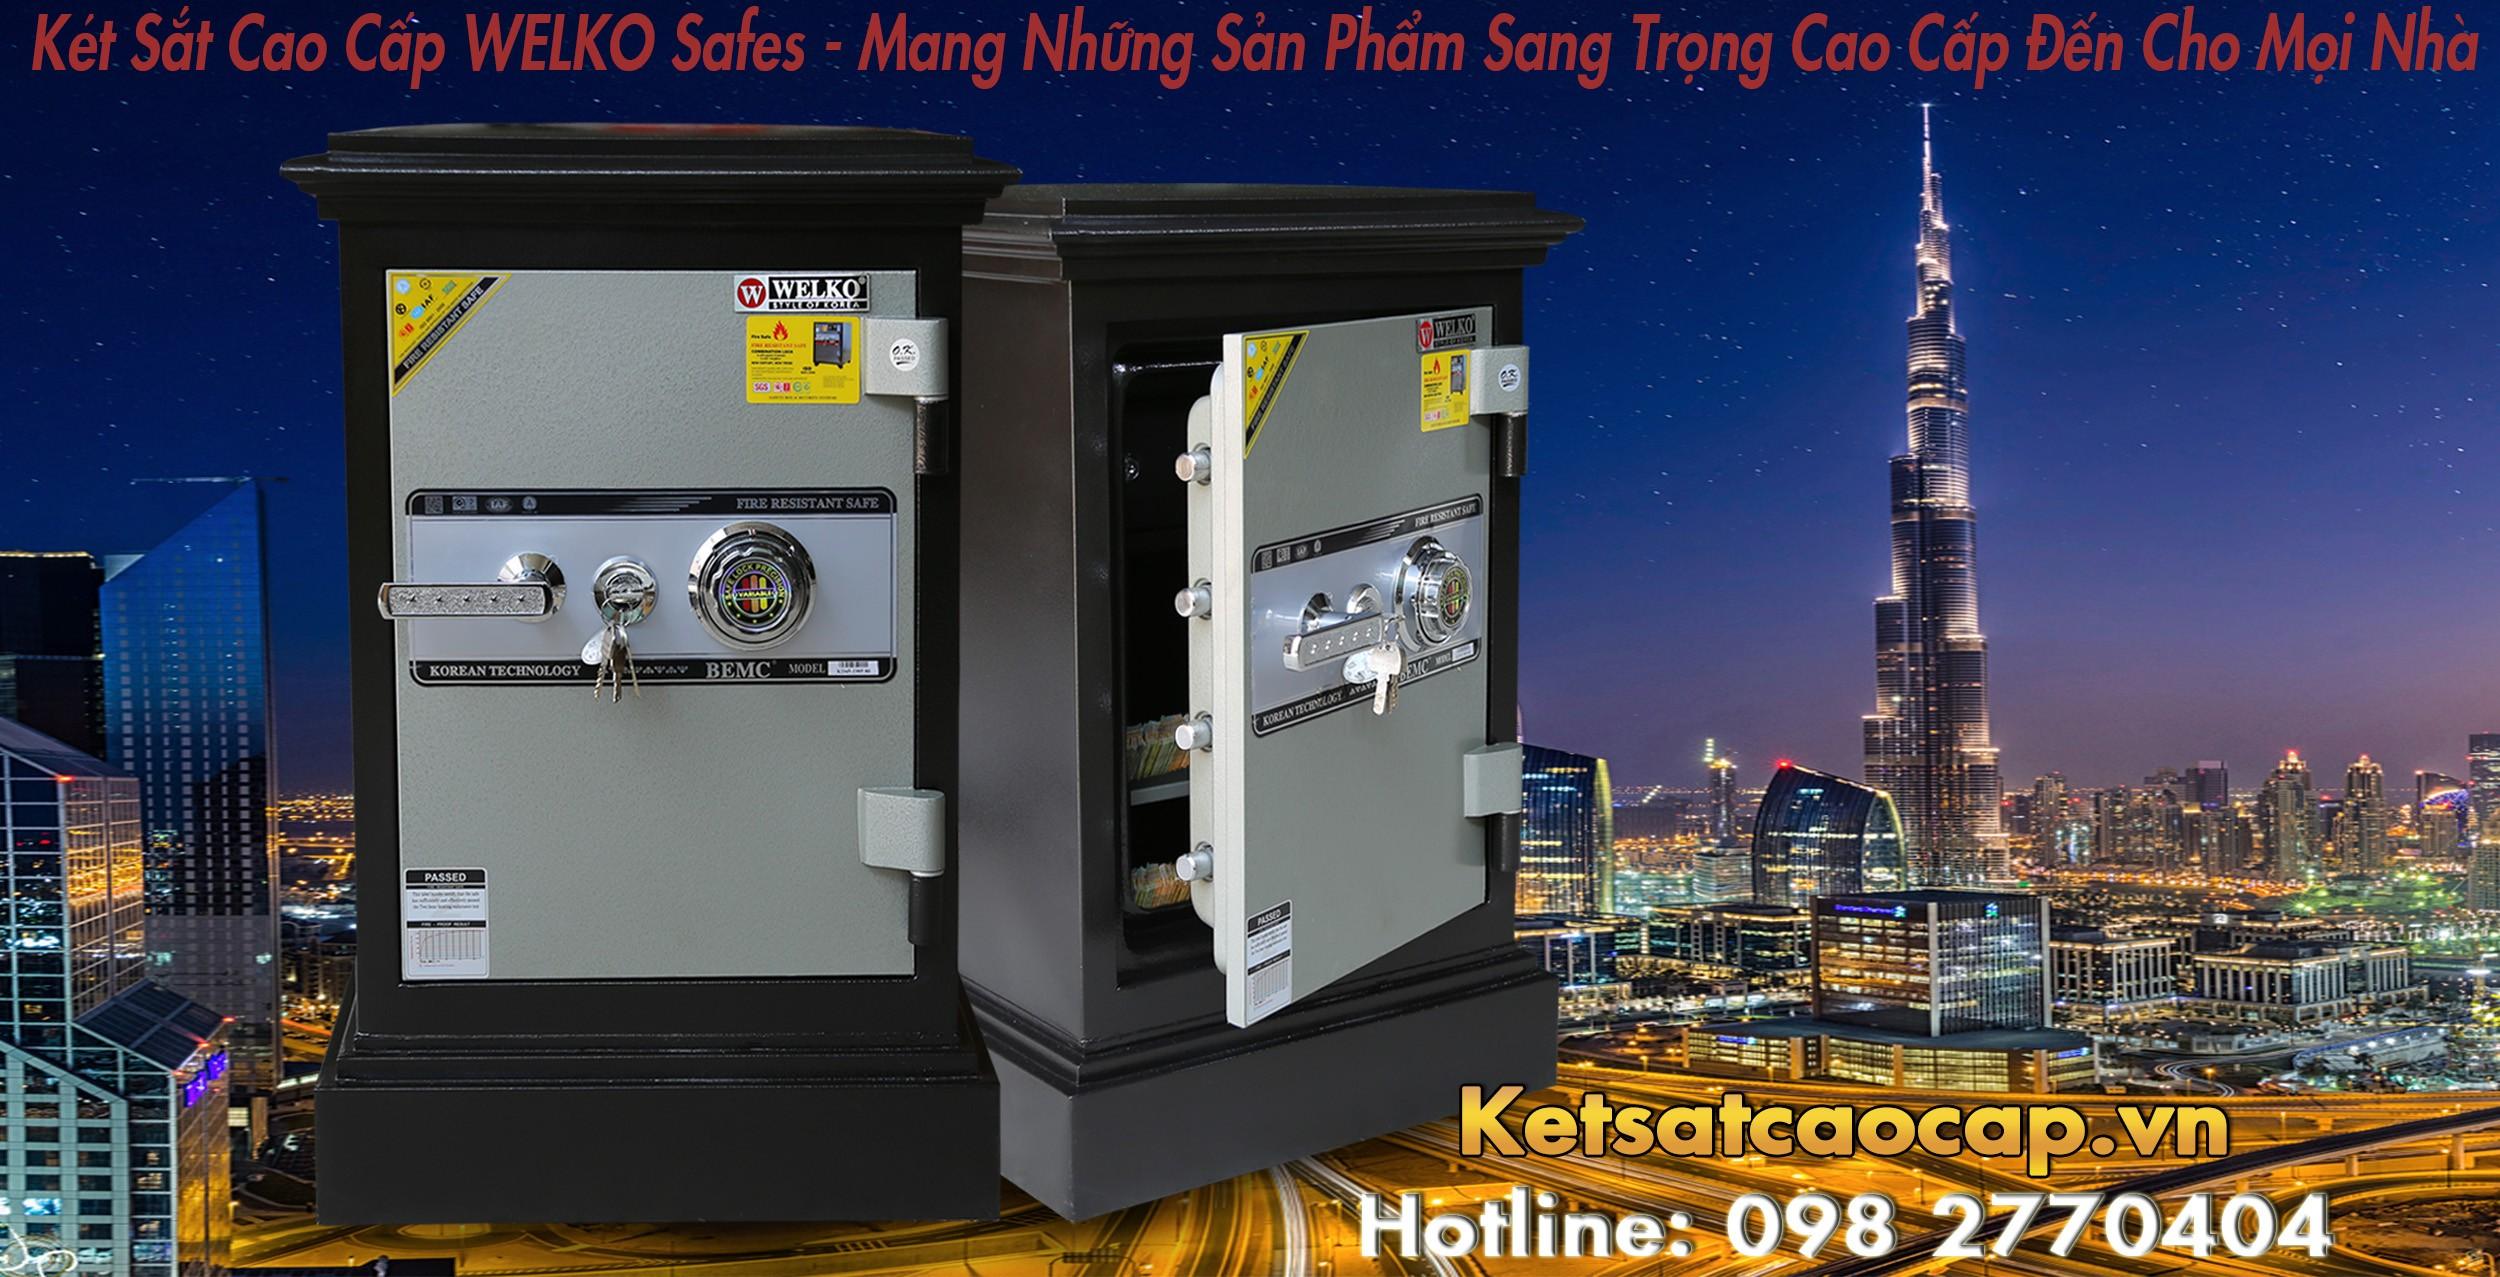 hình ảnh sản phẩm Két Sắt Cánh Đúc KD45 KC Két Bảo Mật 100% Uy Tín